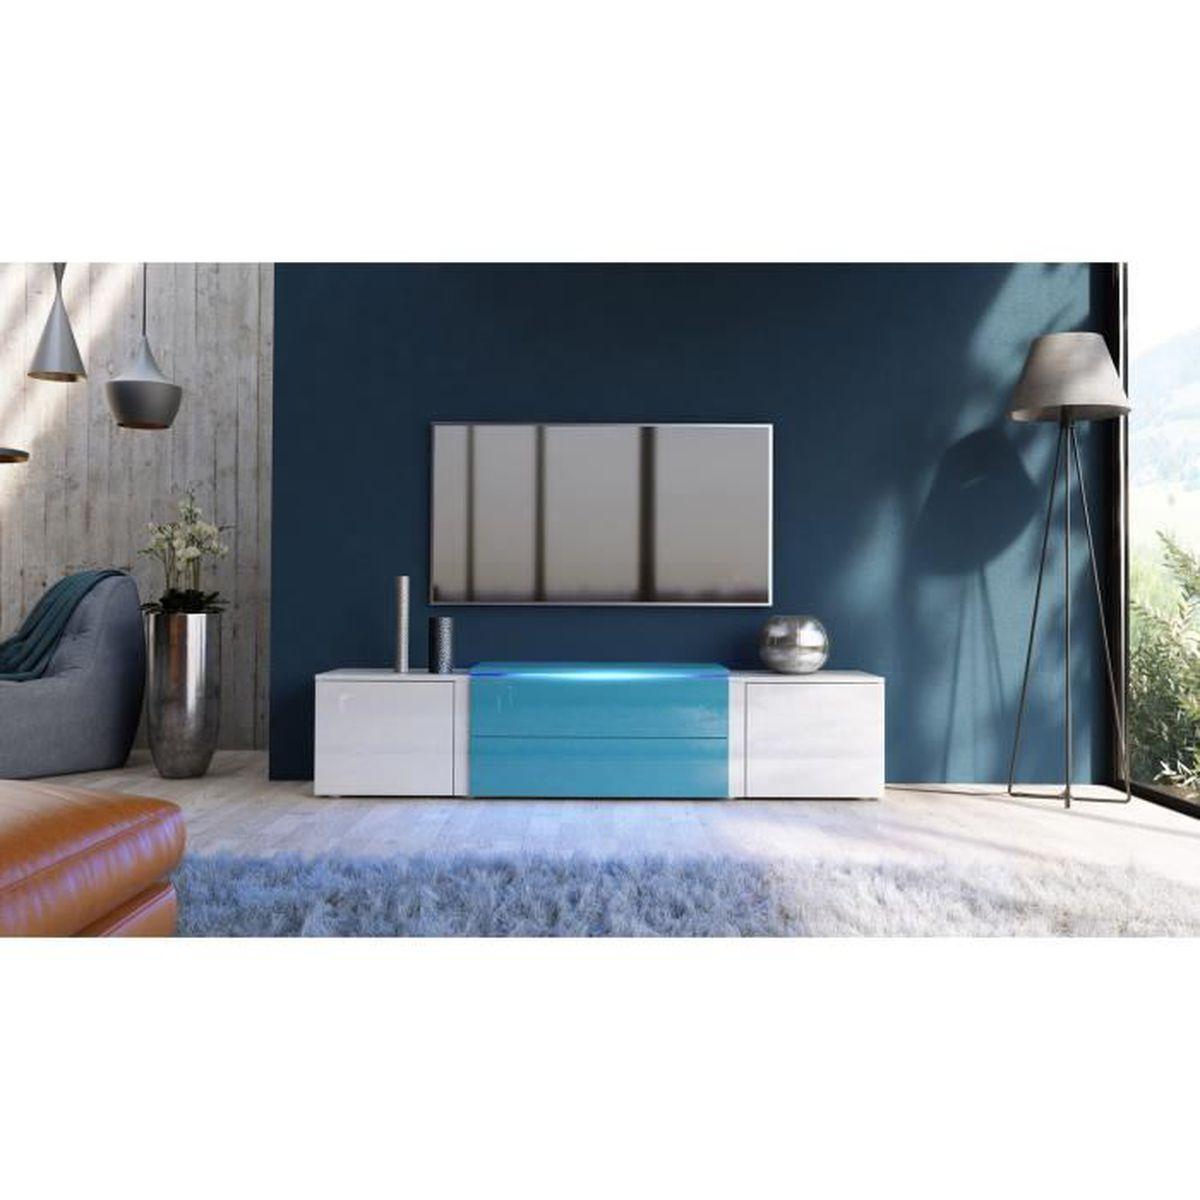 Meuble Tv Blanc Et Bleu Pétrole Laqué Avec Led Rvb 167 Cm